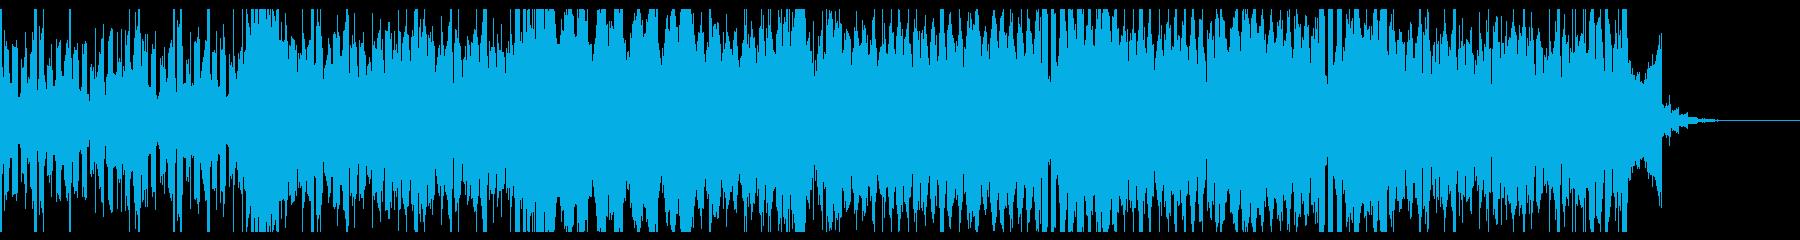 シンセを使った明るい雰囲気のBGMです。の再生済みの波形